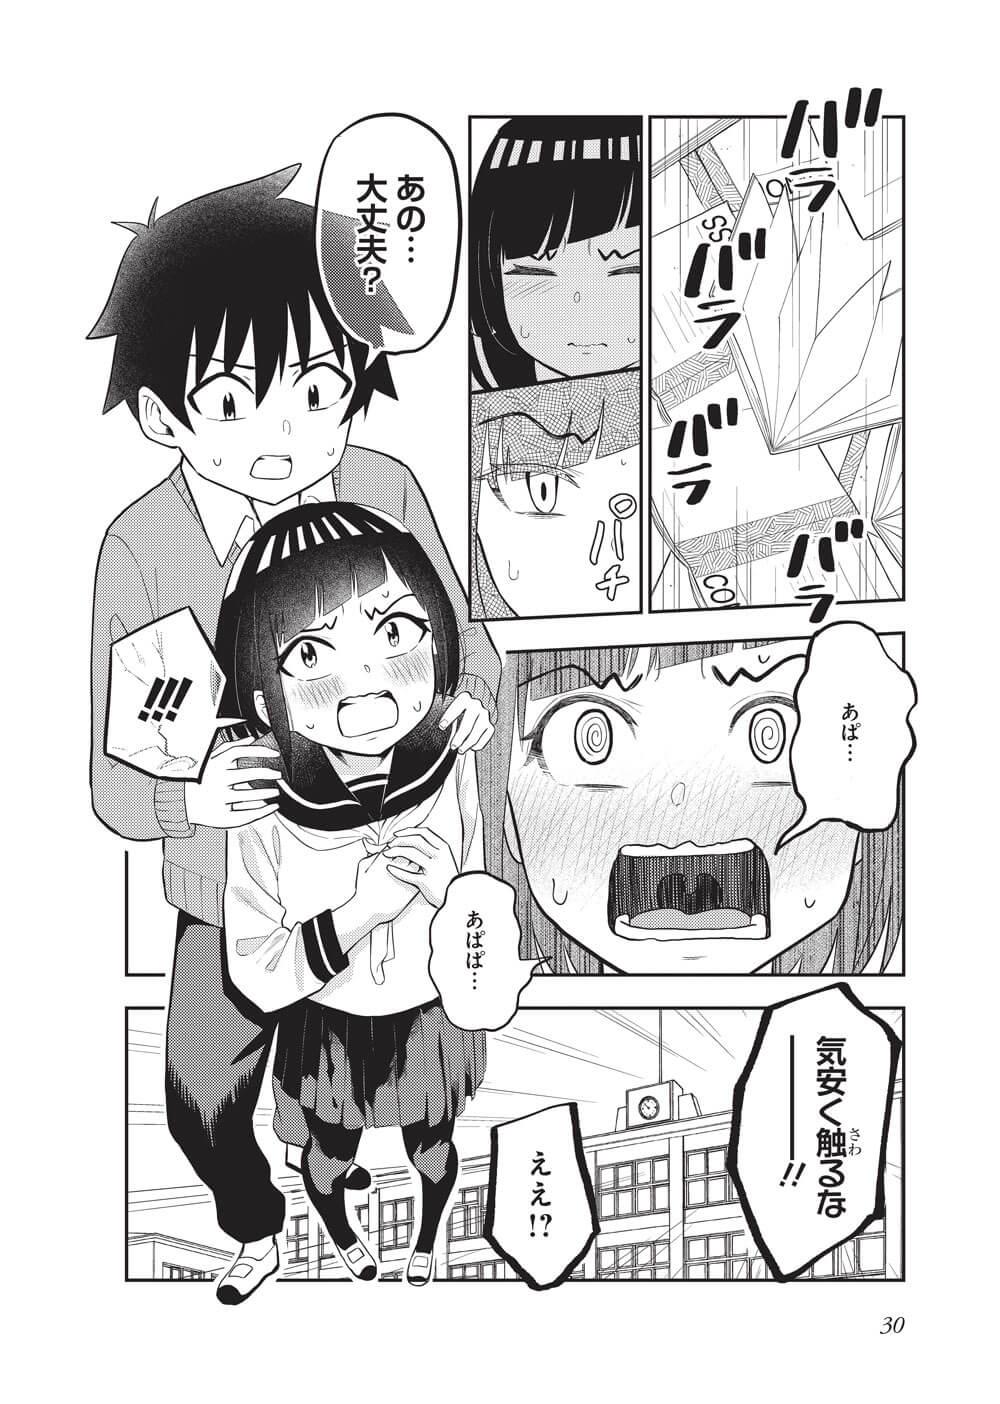 クラスメイトの田中さんはすごく怖い-4-4